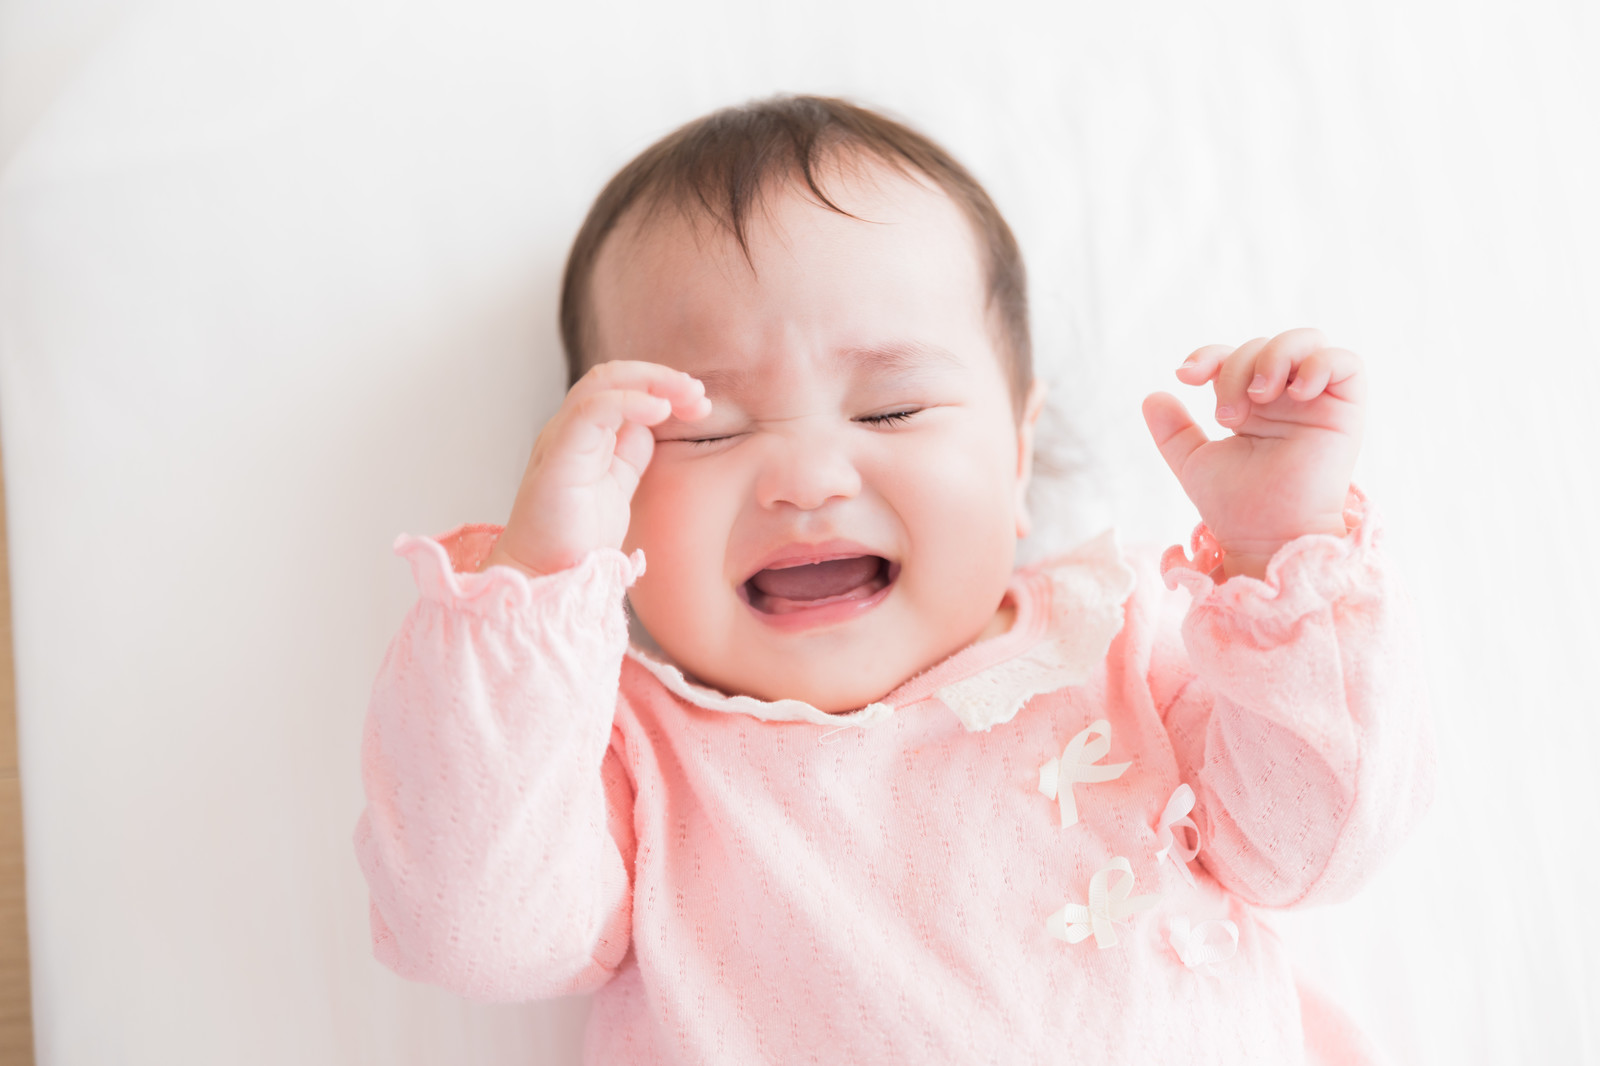 「眠たくて仕方がない赤ちゃん眠たくて仕方がない赤ちゃん」[モデル:めぐな]のフリー写真素材を拡大